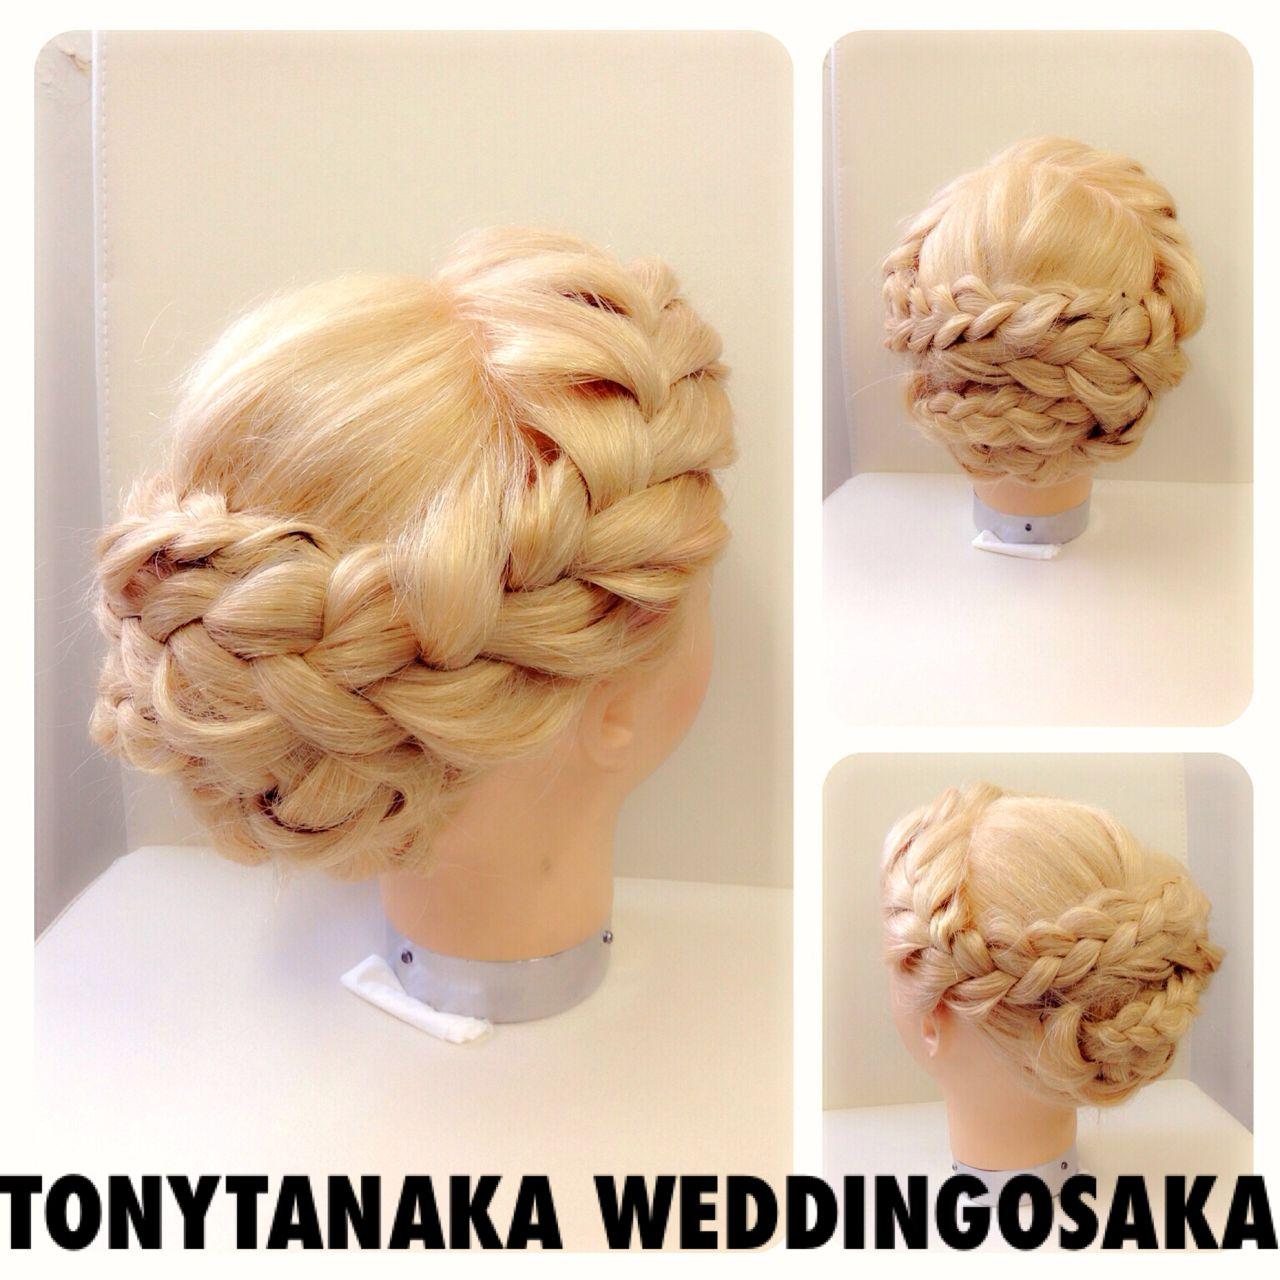 ヘアアレンジ コンサバ 編み込み 結婚式 ヘアスタイルや髪型の写真・画像   TonyTanaka WeddingOsaka / トニータナカウエディング大阪